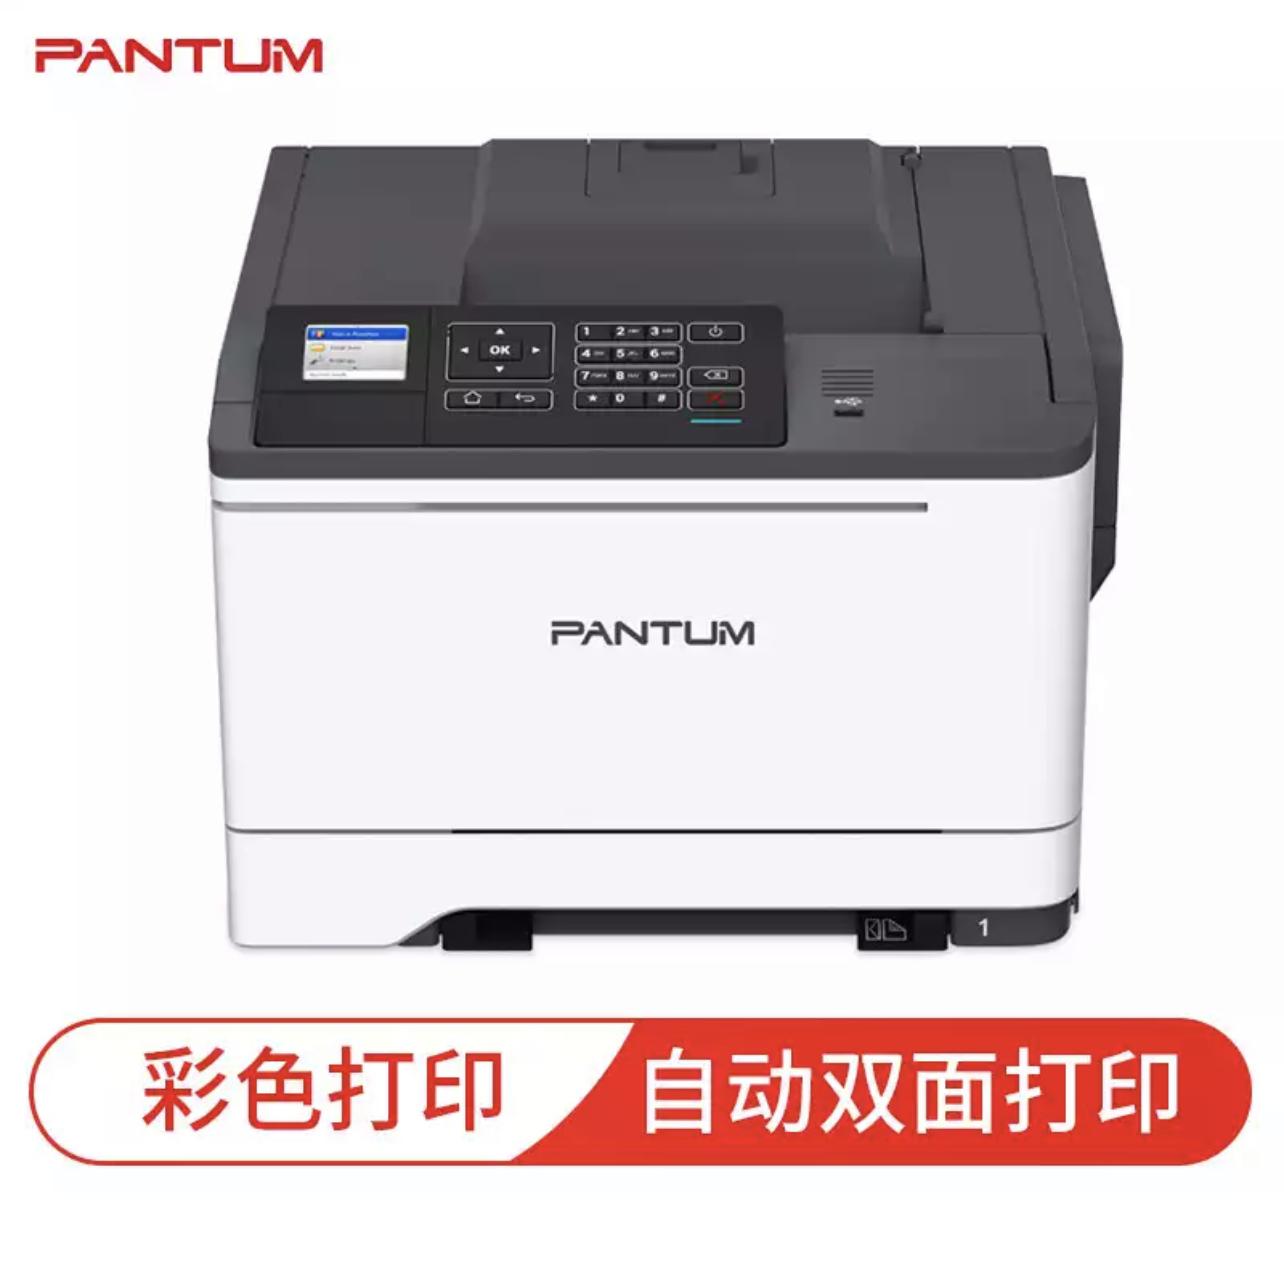 奔图(PANTUM)CP2506DN PLUS 多功能一体机彩色激光打印机 商用自动双面打印